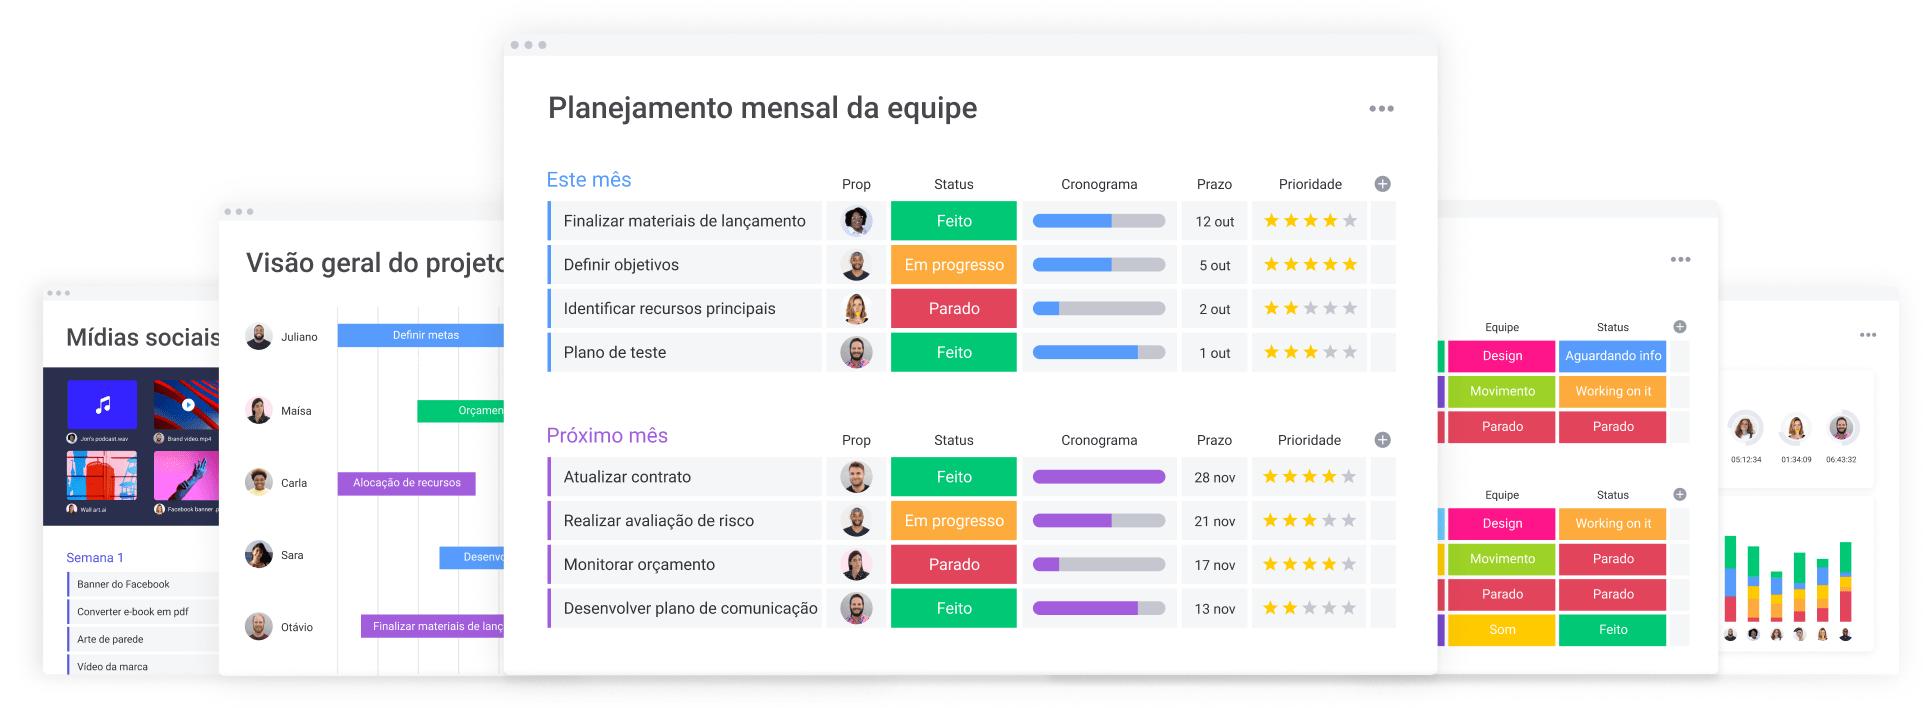 quadro para planejamento mensal da equipe